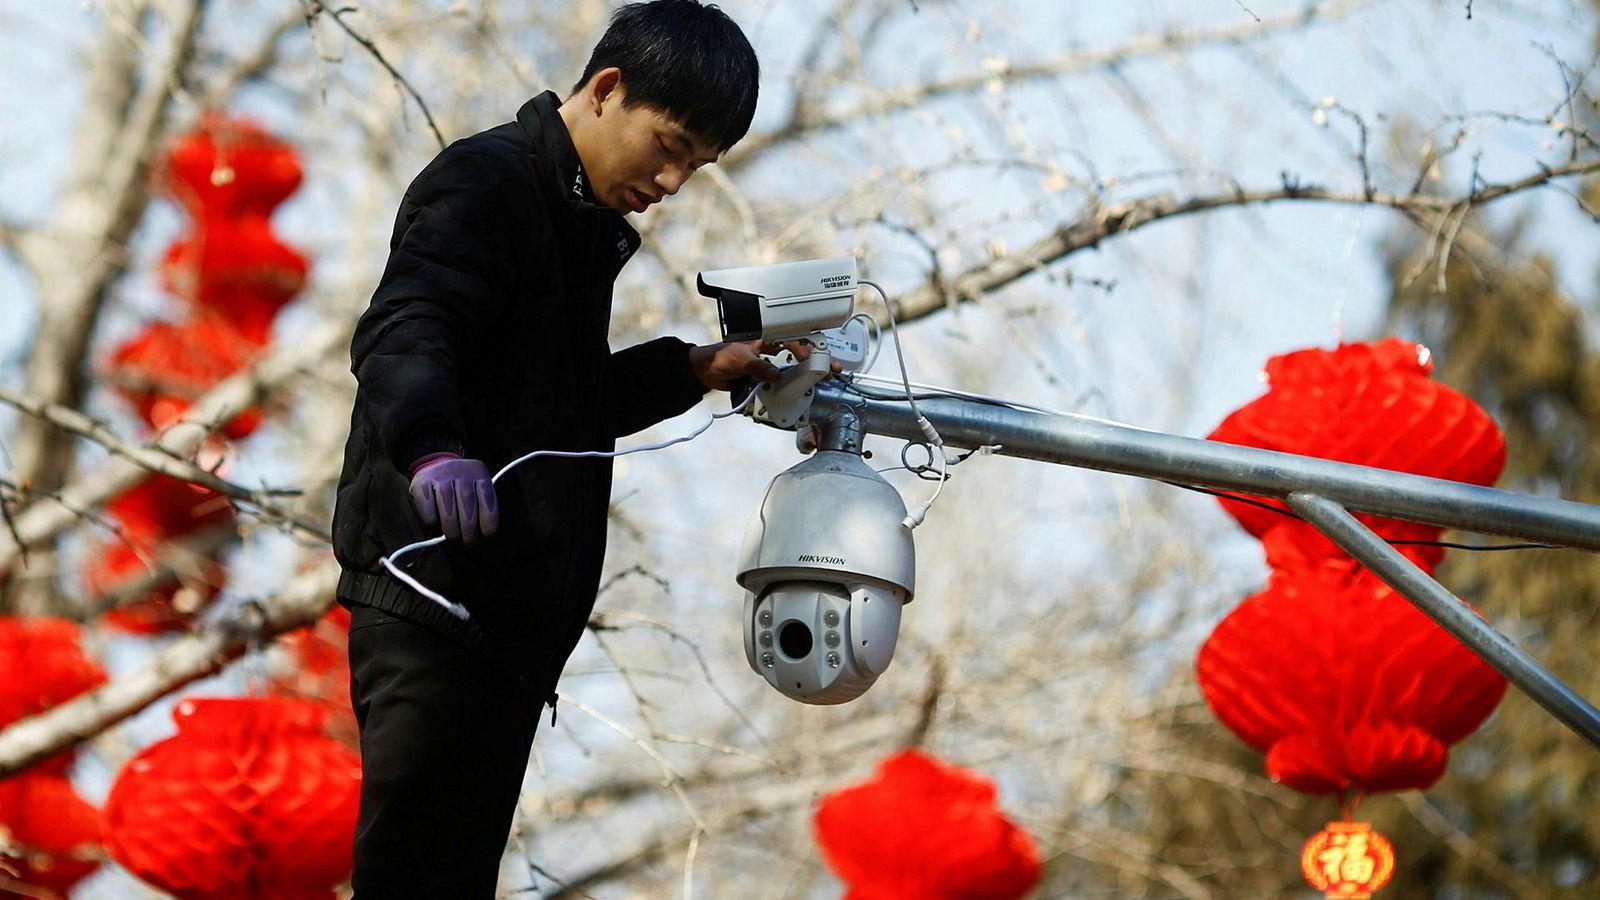 En arbeider setter opp overvåkningskameraer fra Hikvision i Beijing i anledning av den kinesiske nyttårsfeiringen i februar. Artikkelforfatterne bruker Oljefondets investering i Hikvision som et eksempel på de vanskelige etiske dilemmaene fondet står overfor.